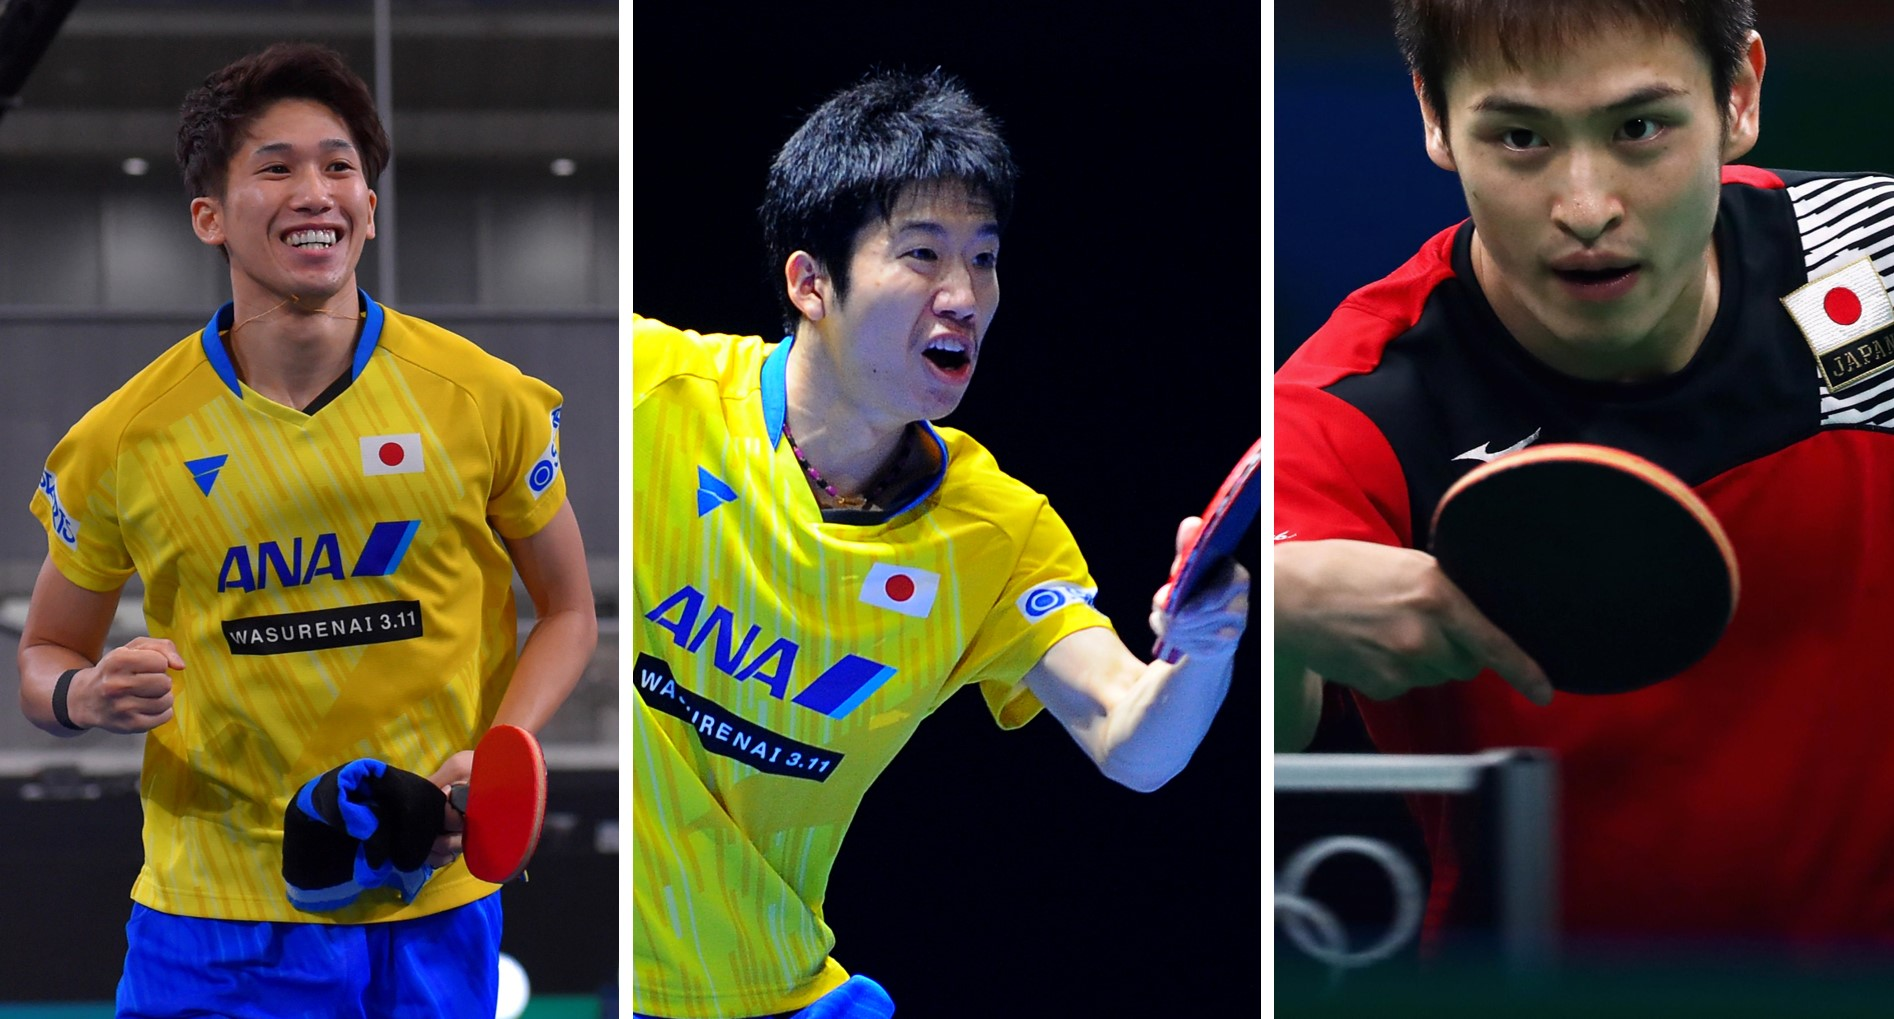 「コロナに負けるな!」 卓球界を盛り上げる選手たちのSNSでの活動 画像